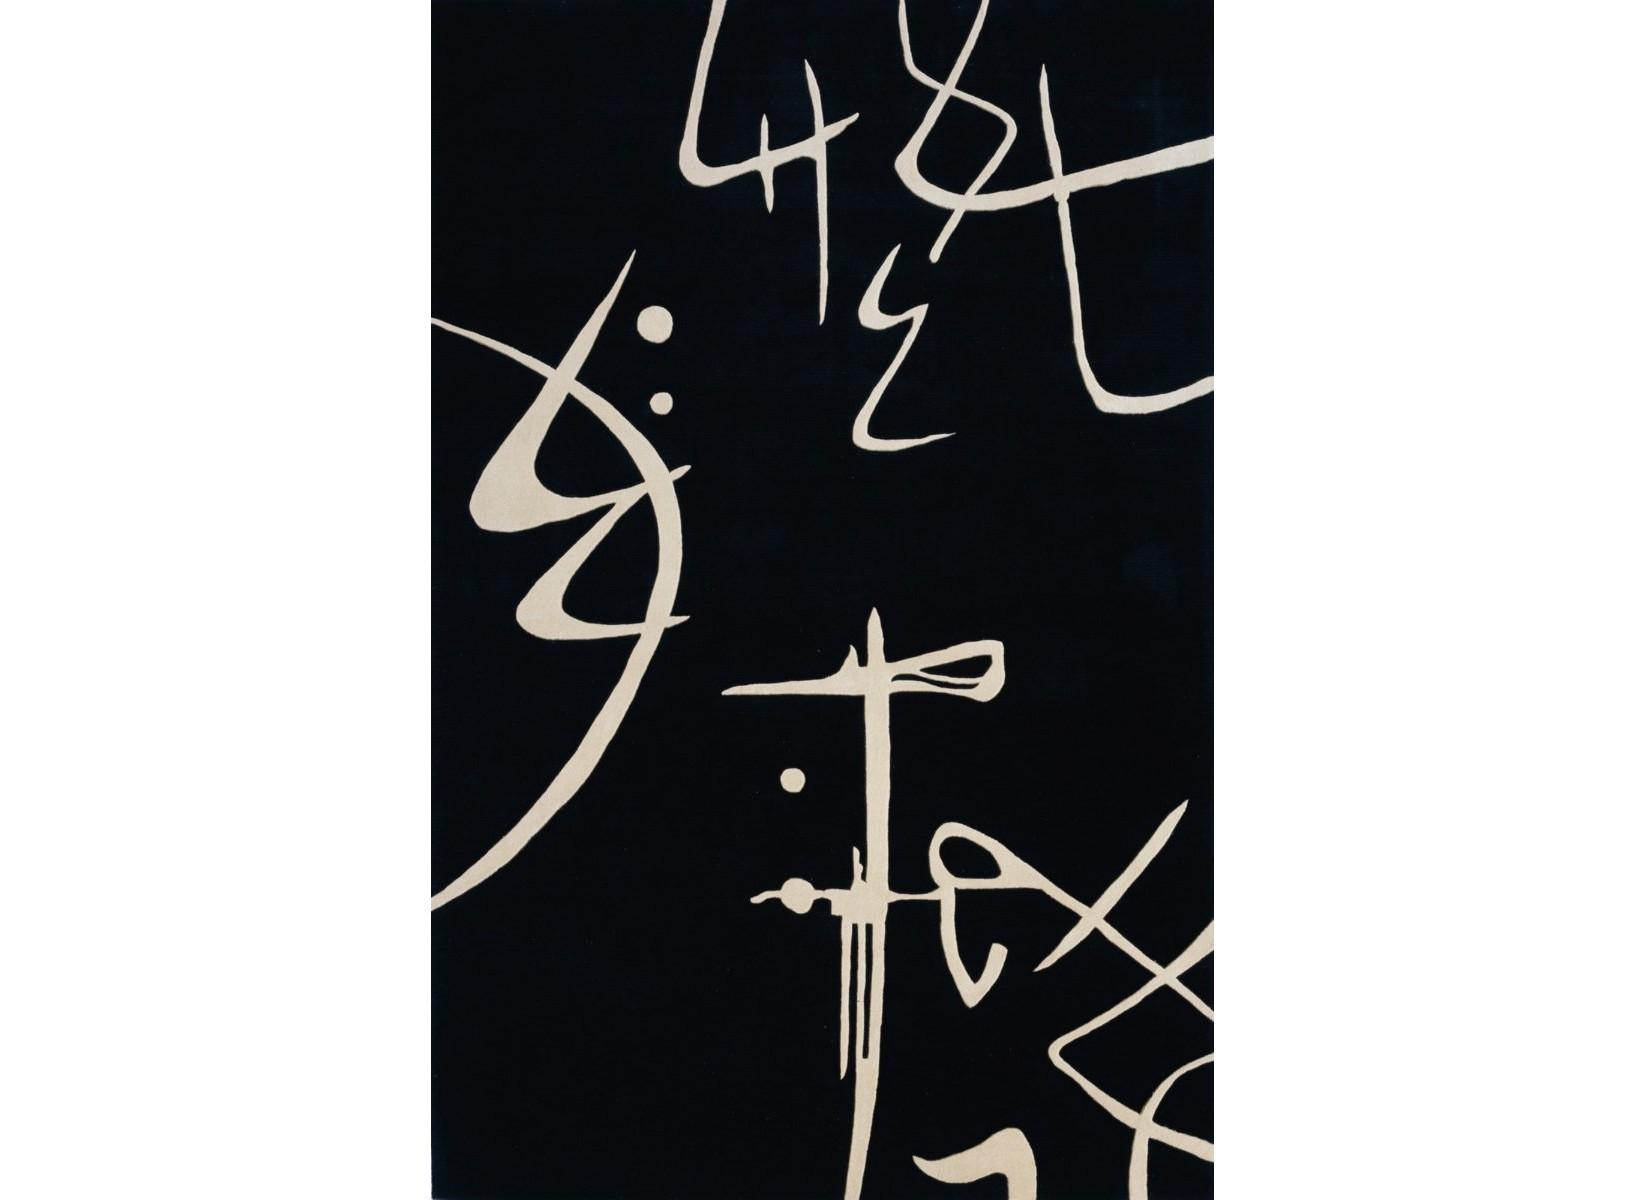 Ковер Haruki 120x180Прямоугольные ковры<br><br><br>Material: Шерсть<br>Ширина см: 120<br>Глубина см: 180